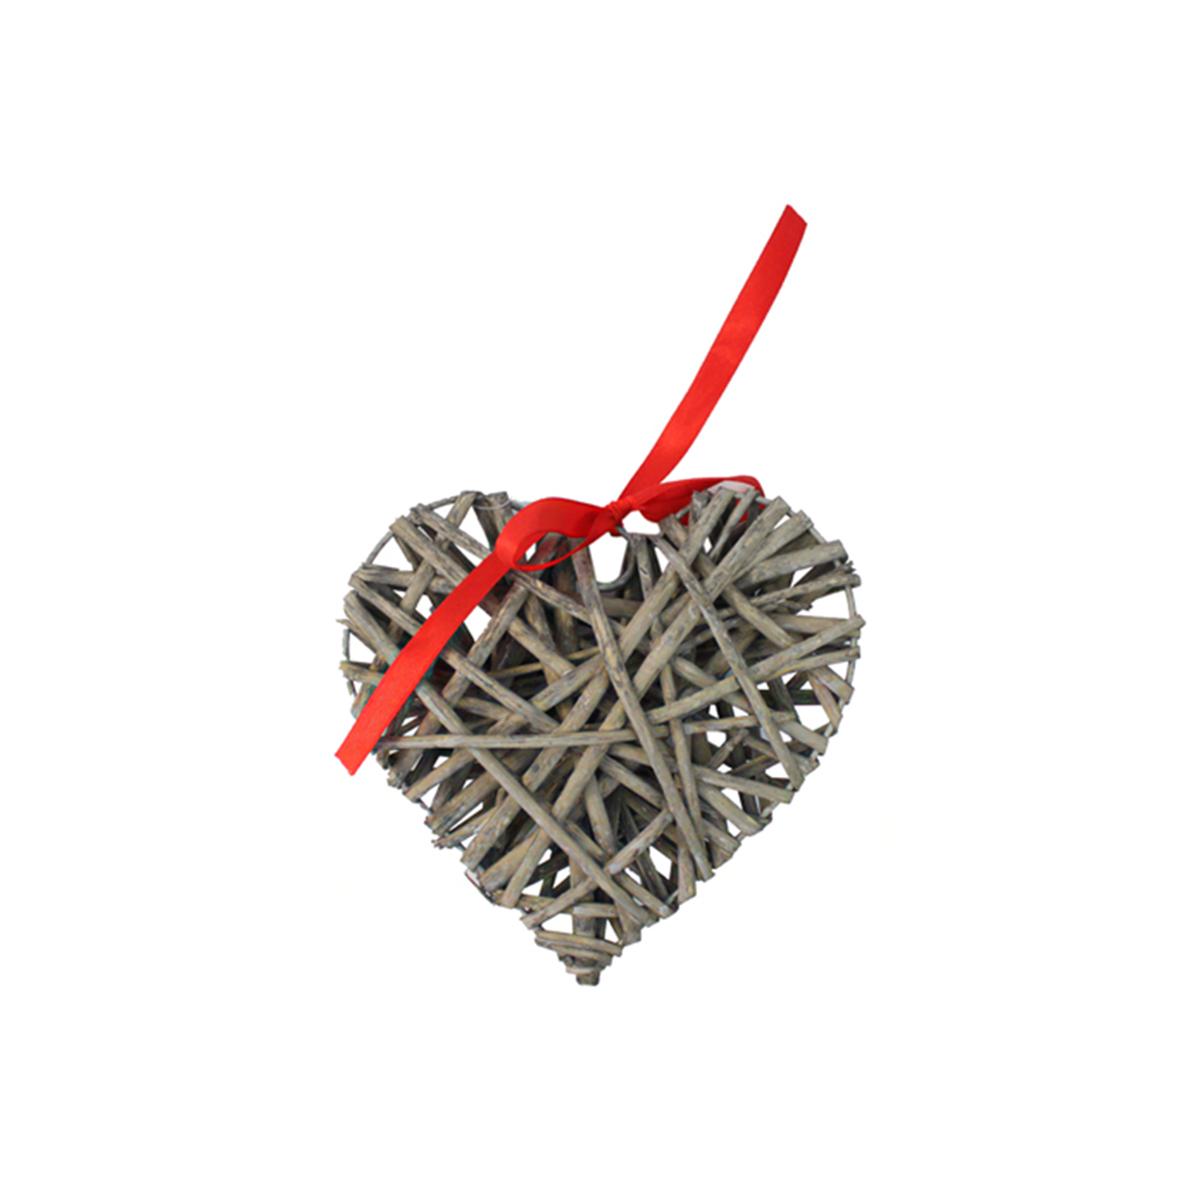 Декоративный элемент Glorex Сердце, цвет: серый, 15 см декоративный элемент dongjiang art сердце цвет фуксия 10 шт